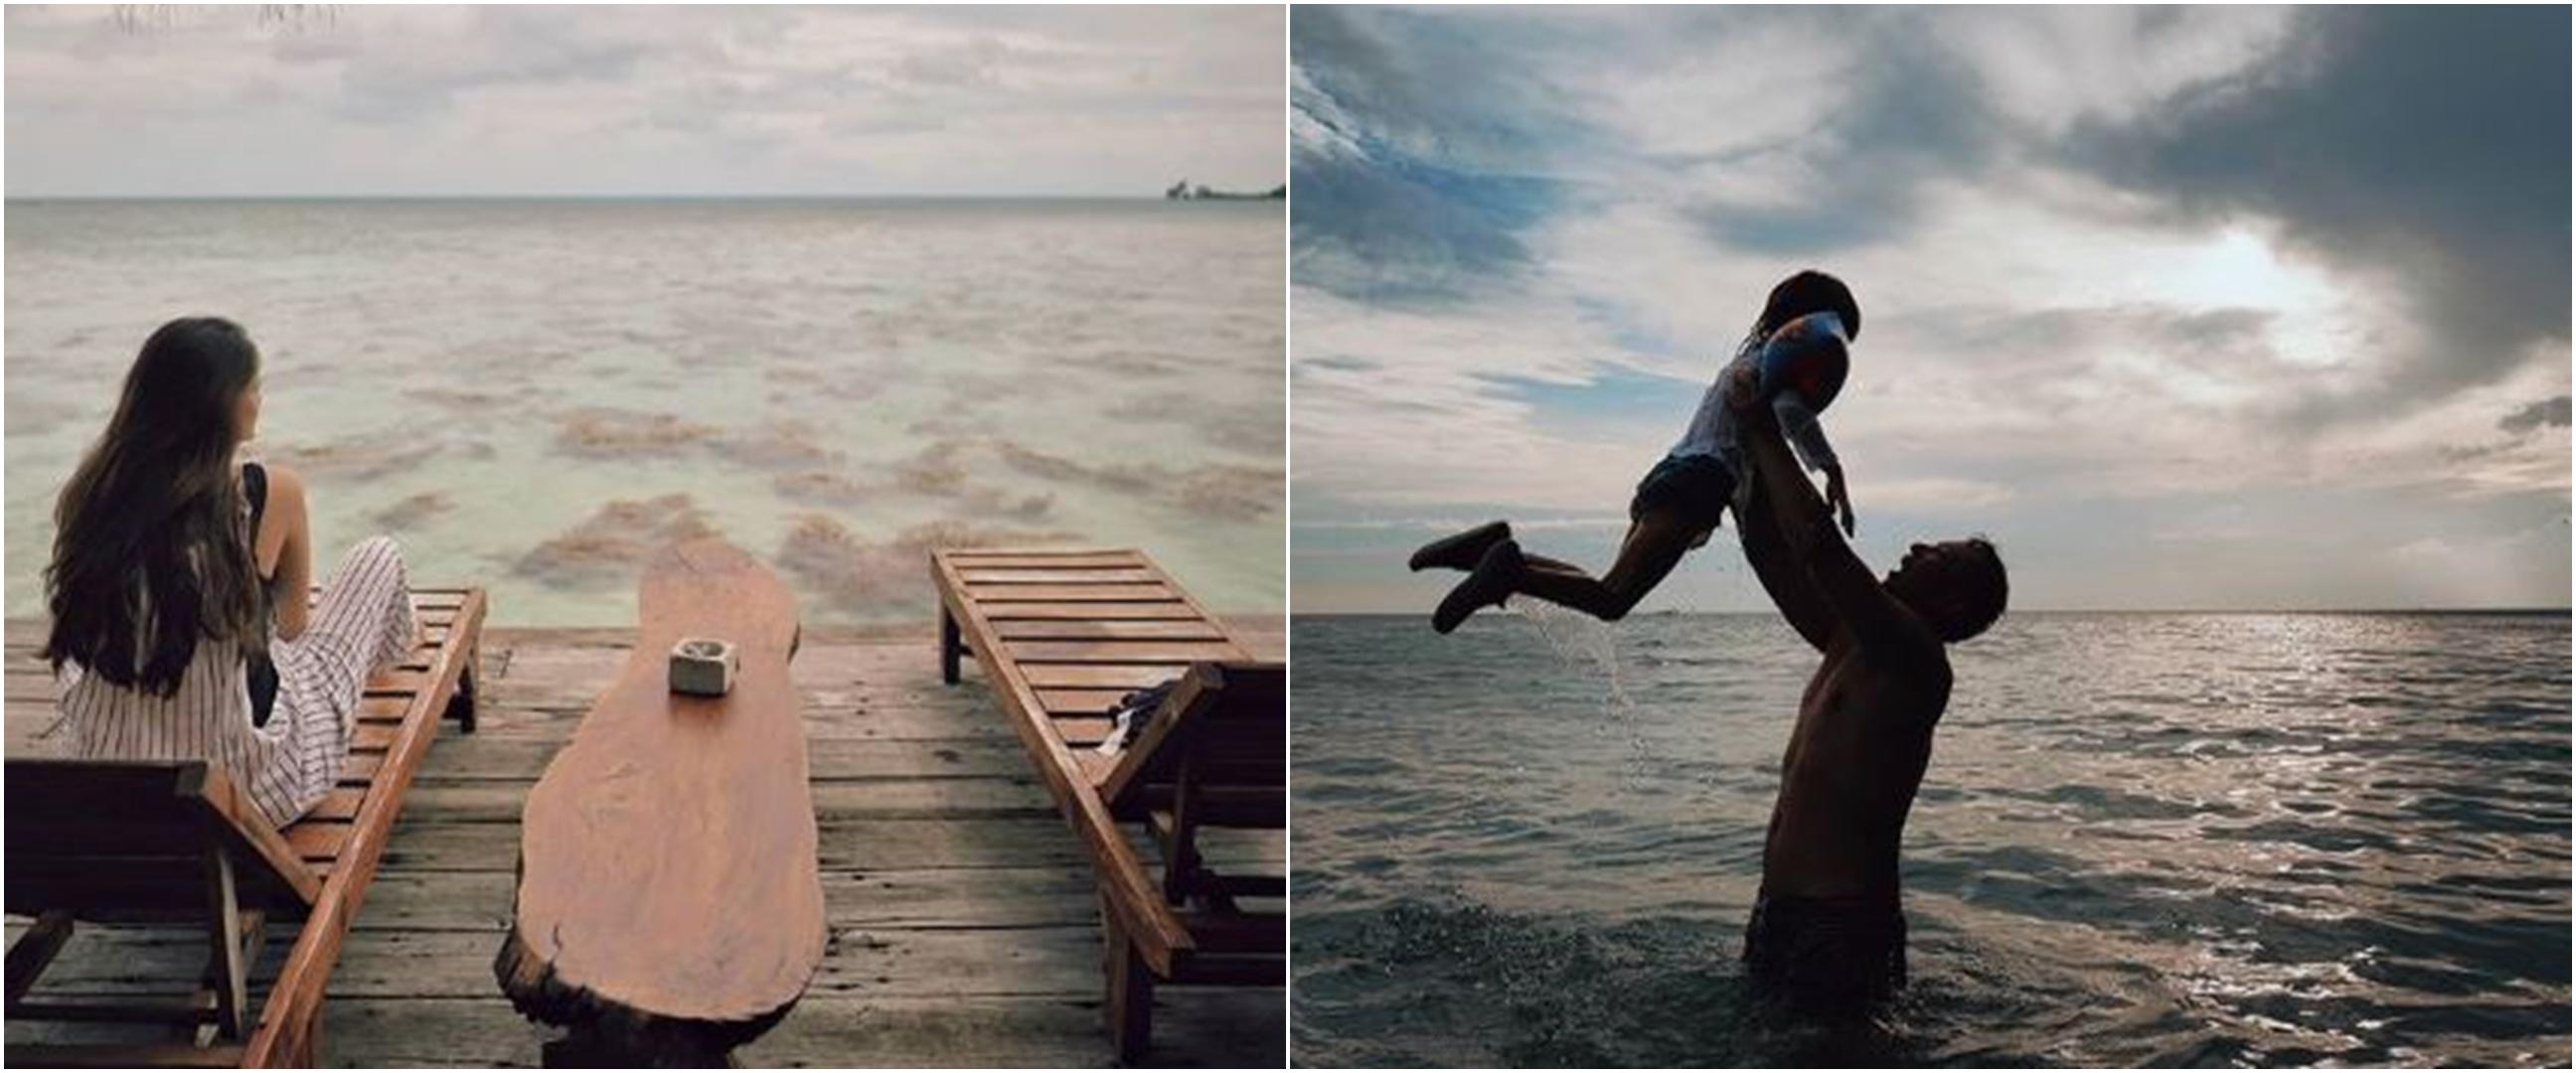 Momen 8 seleb liburan ke pantai saat new normal, ada yang babymoon